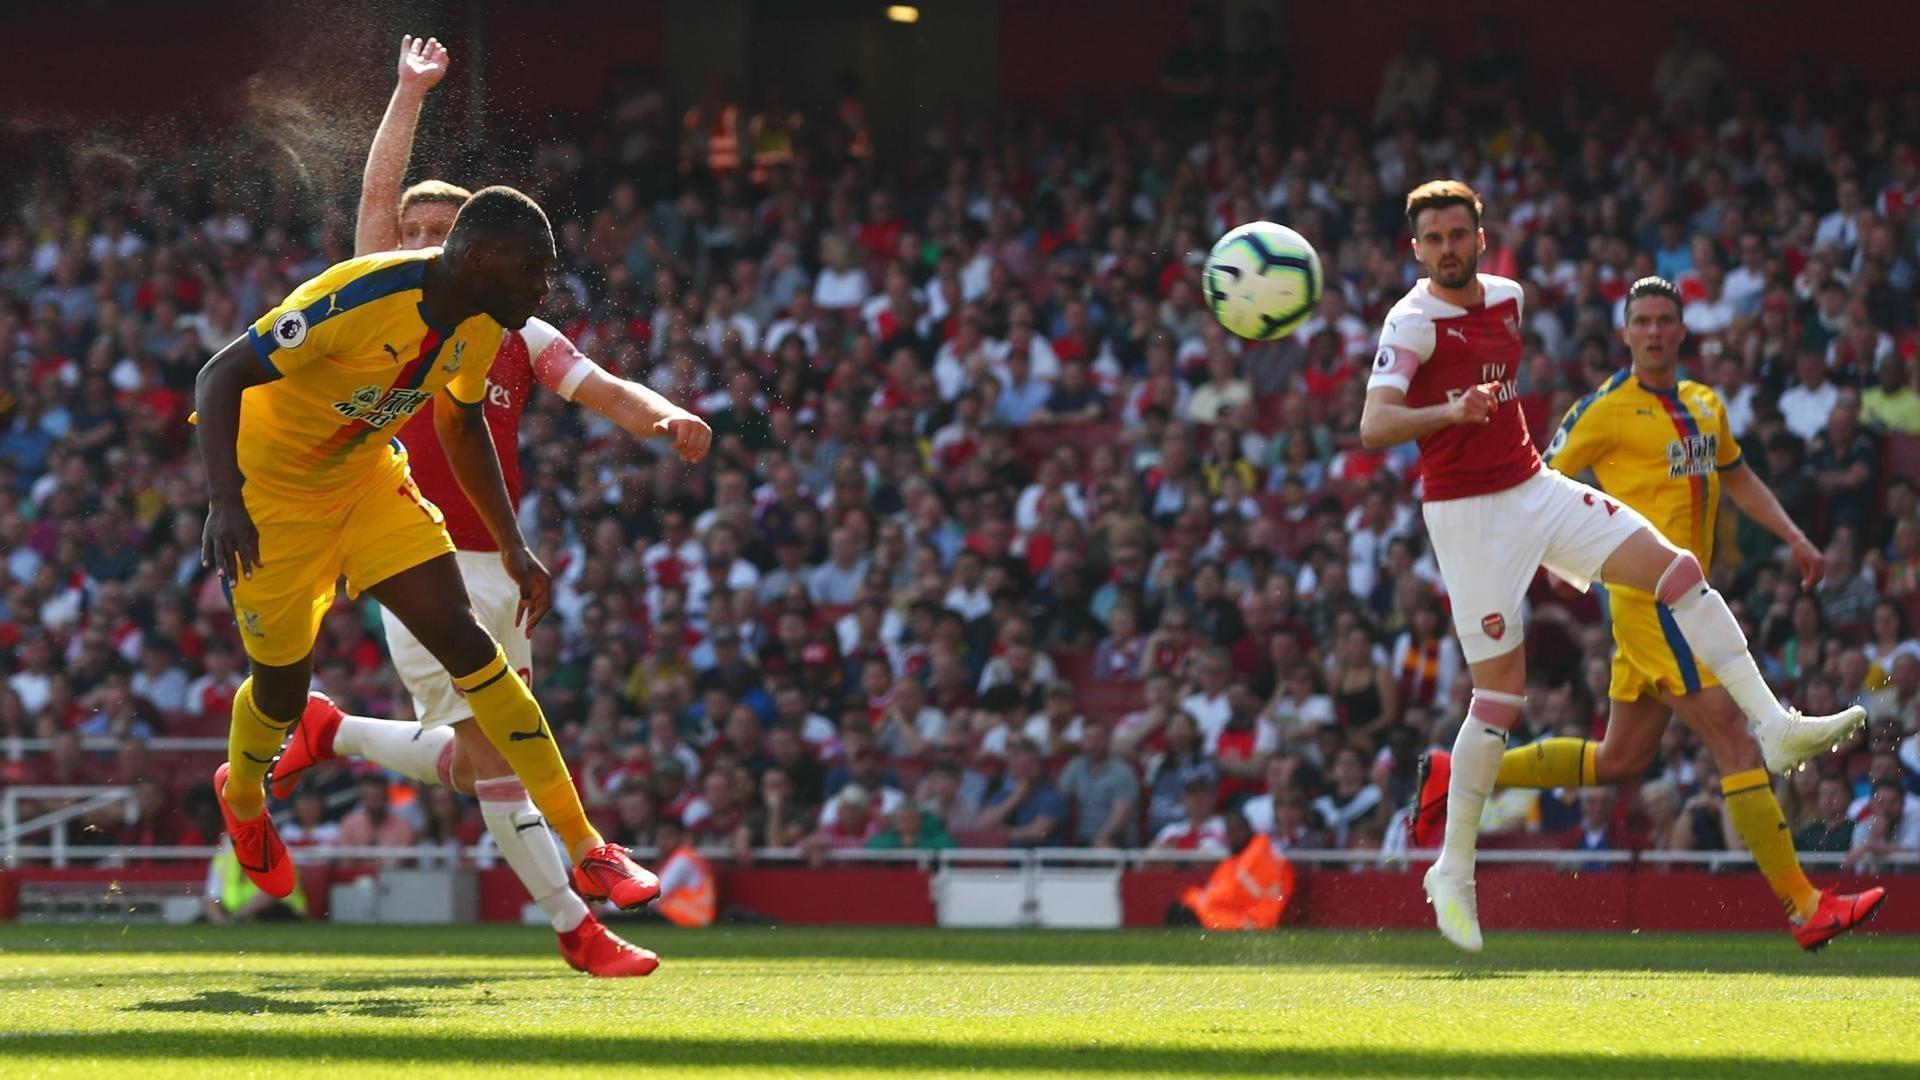 Wide-open Benteke puts Palace up at Arsenal